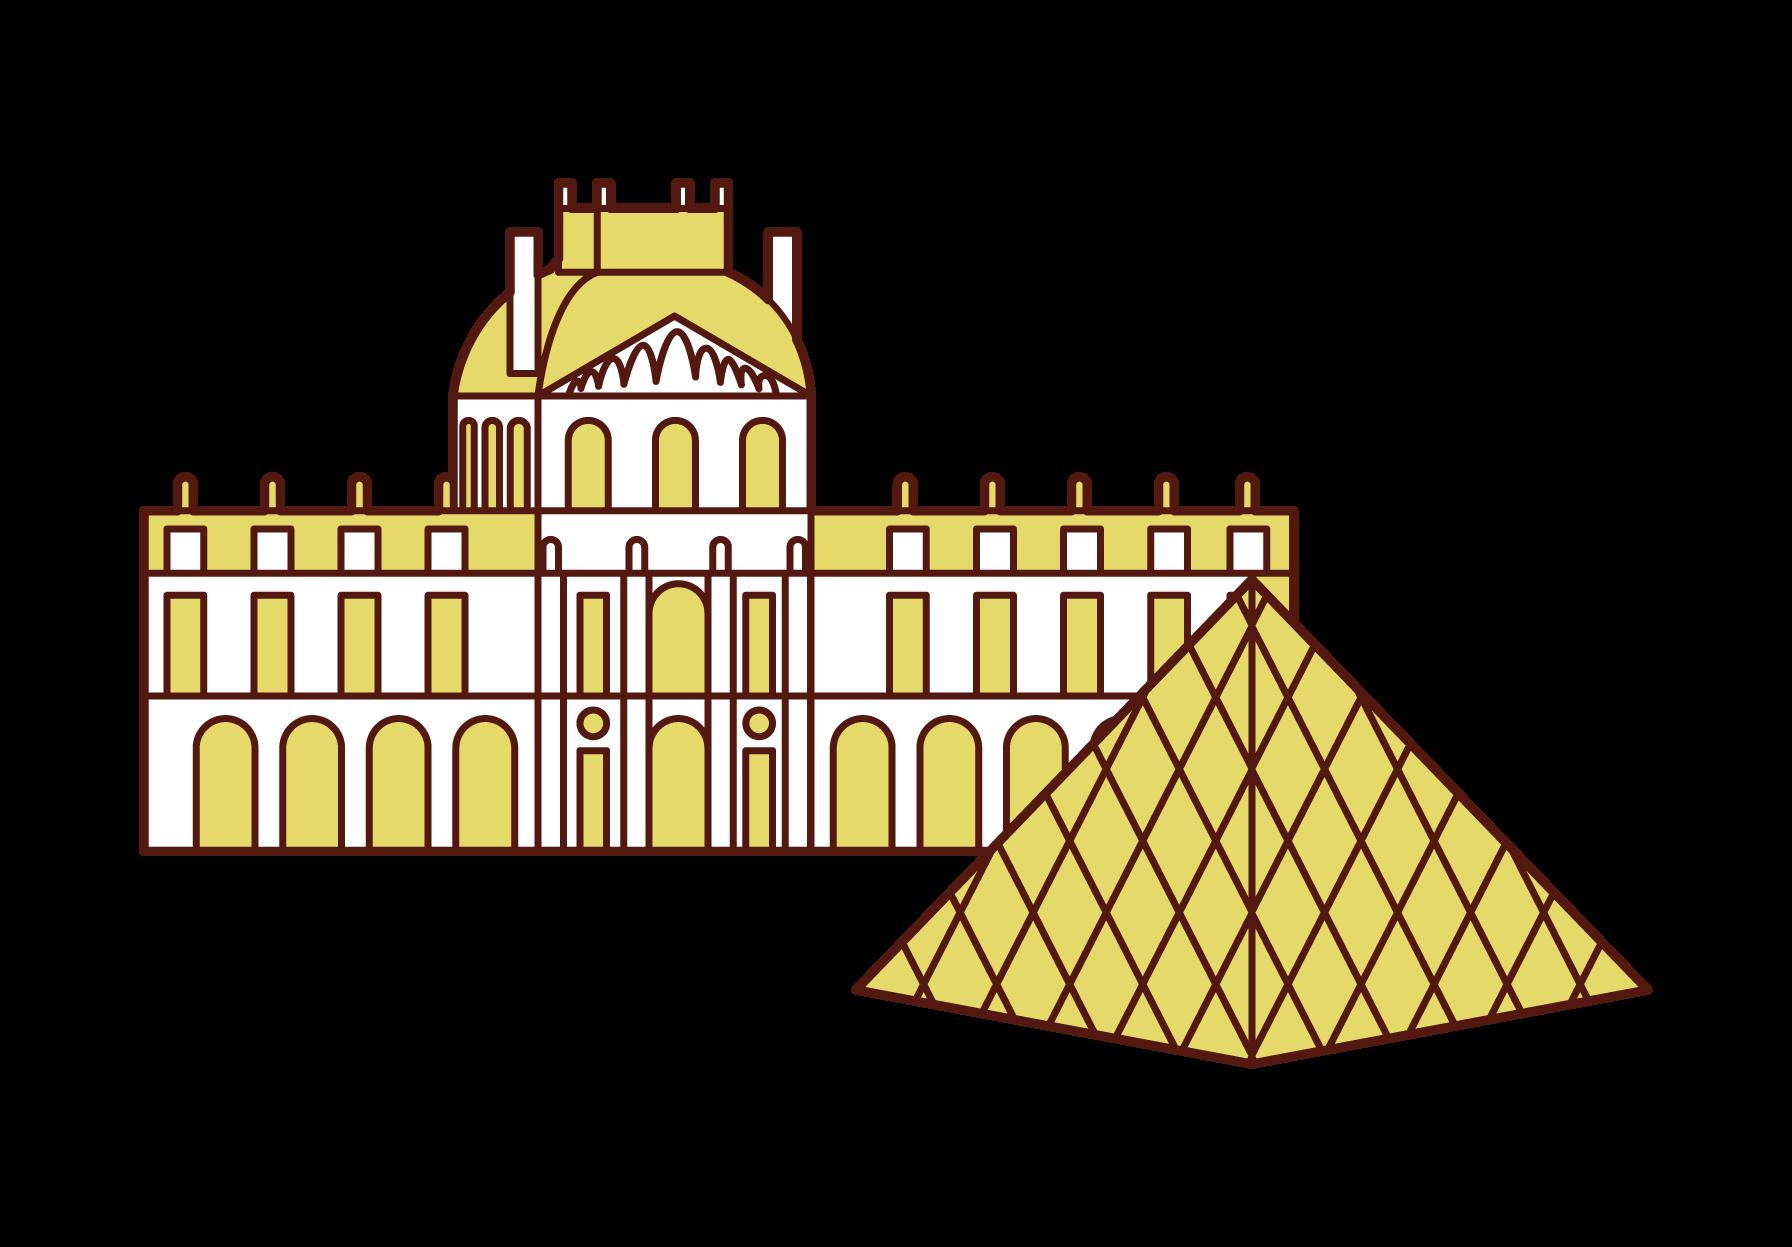 루브르 박물관의 삽화